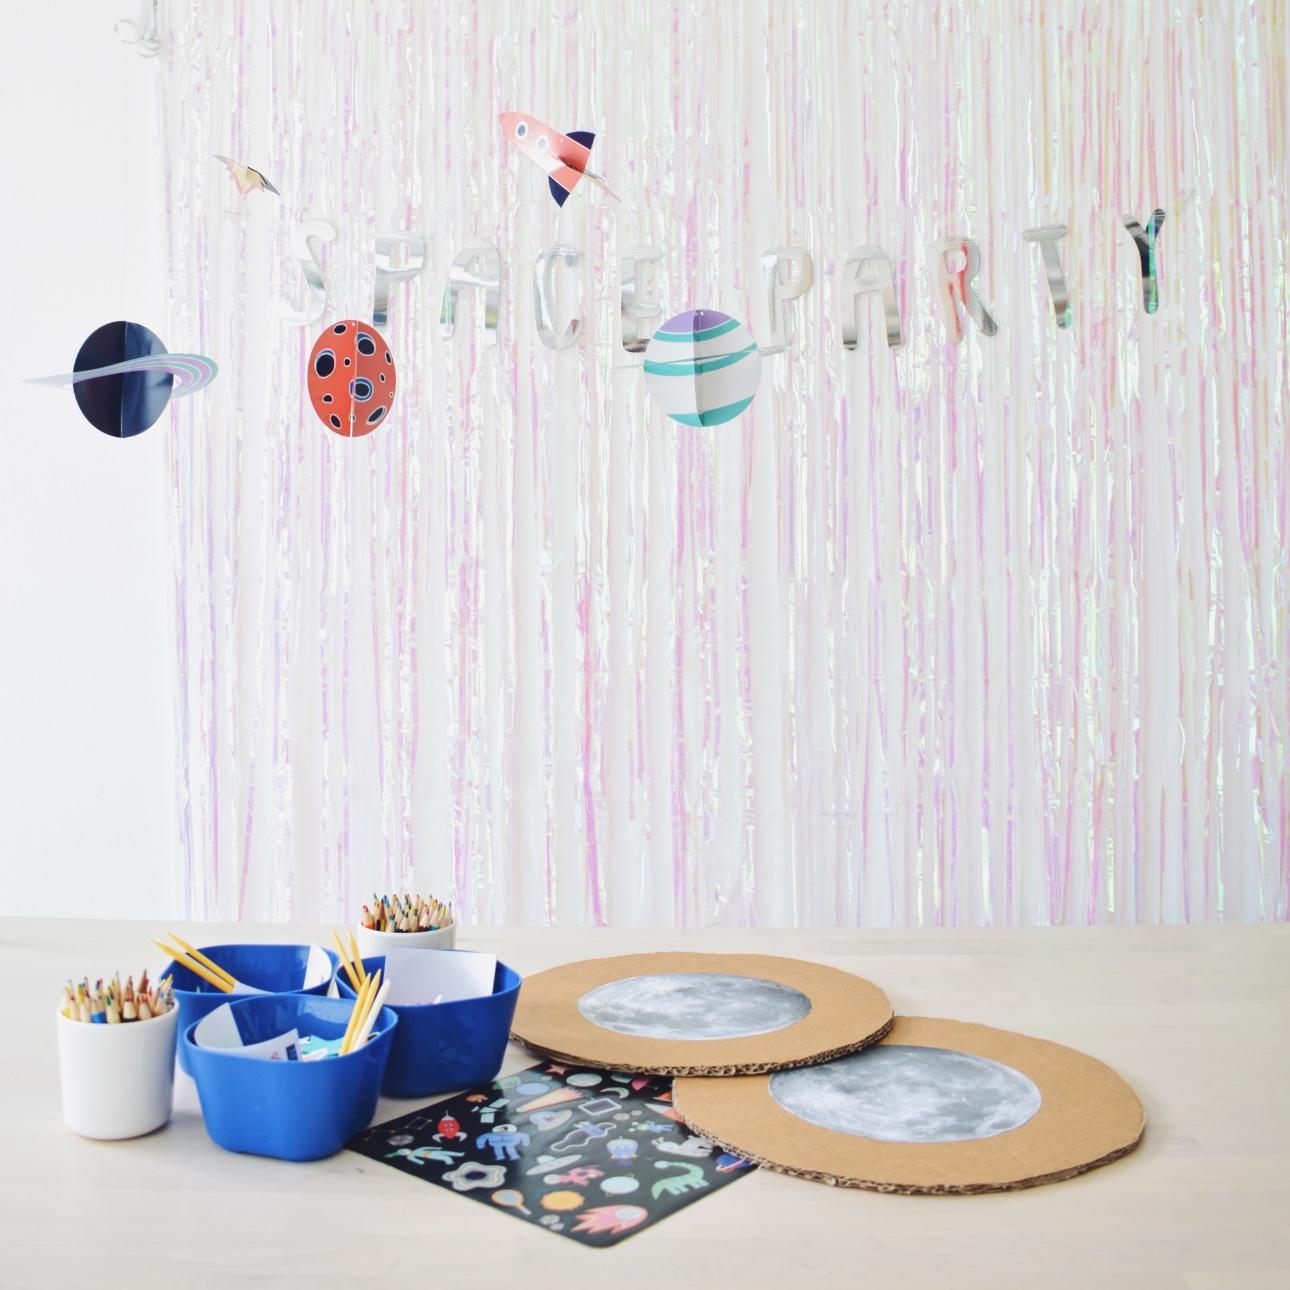 space party kinderfeestje kleuren maan versieren